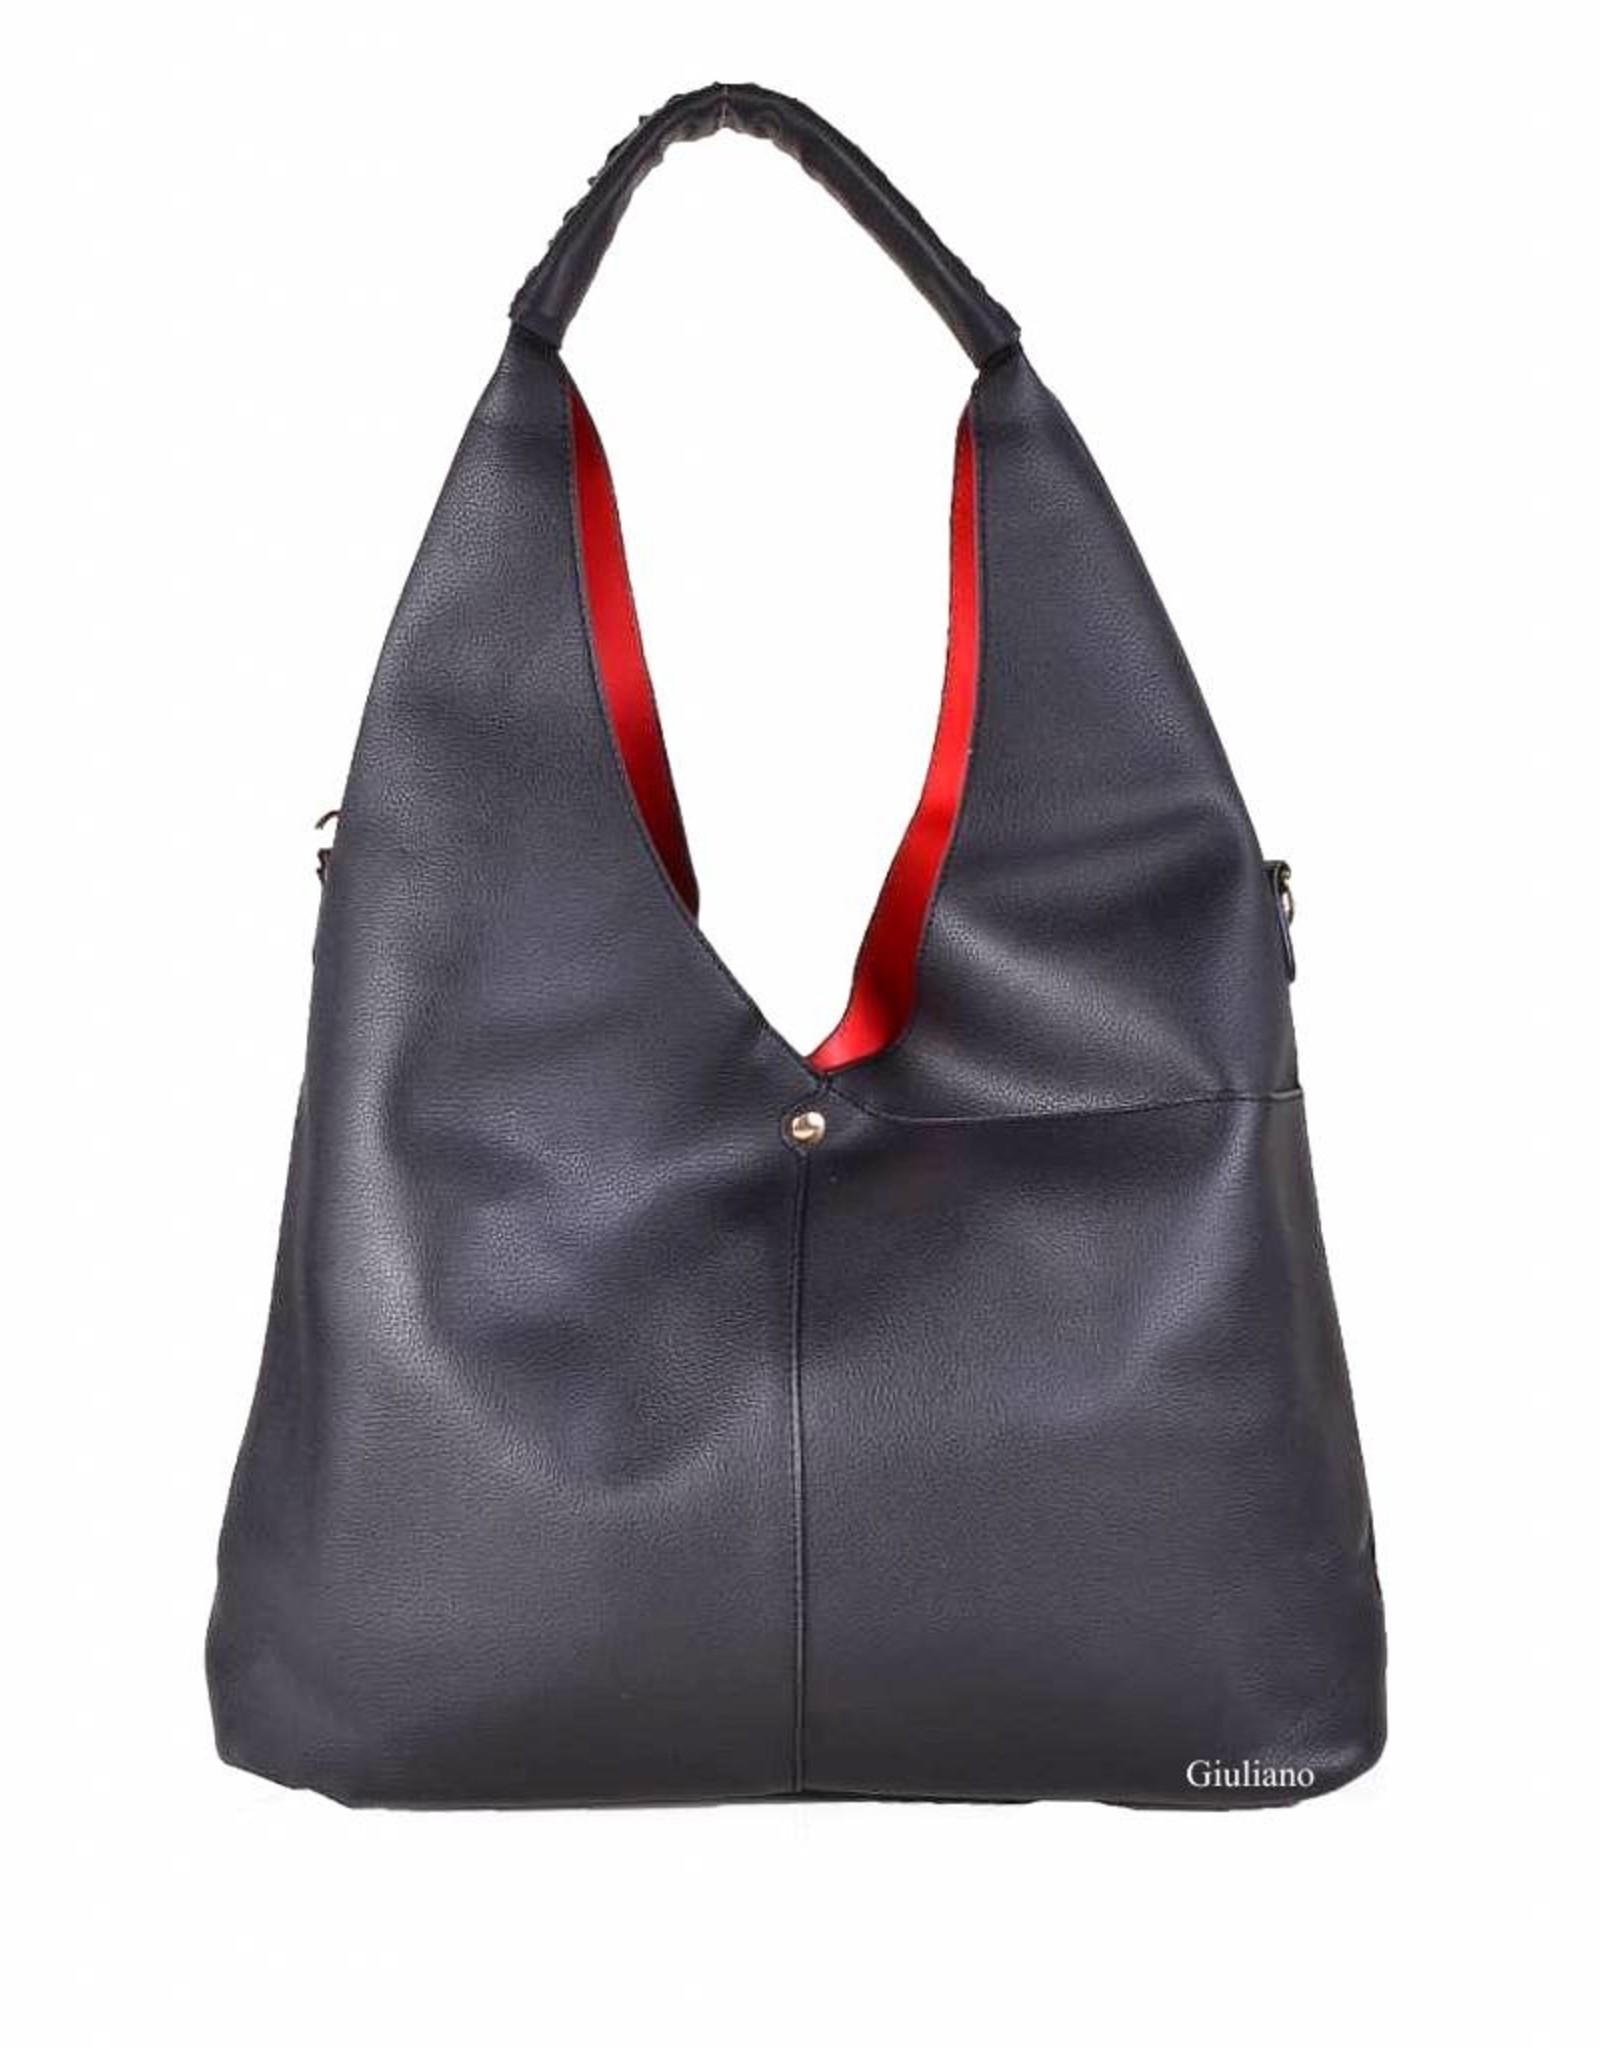 Handtas kunstleder met rode binnenkant.  Twee zakjes aan de buitenkant met kleine tas binnenin